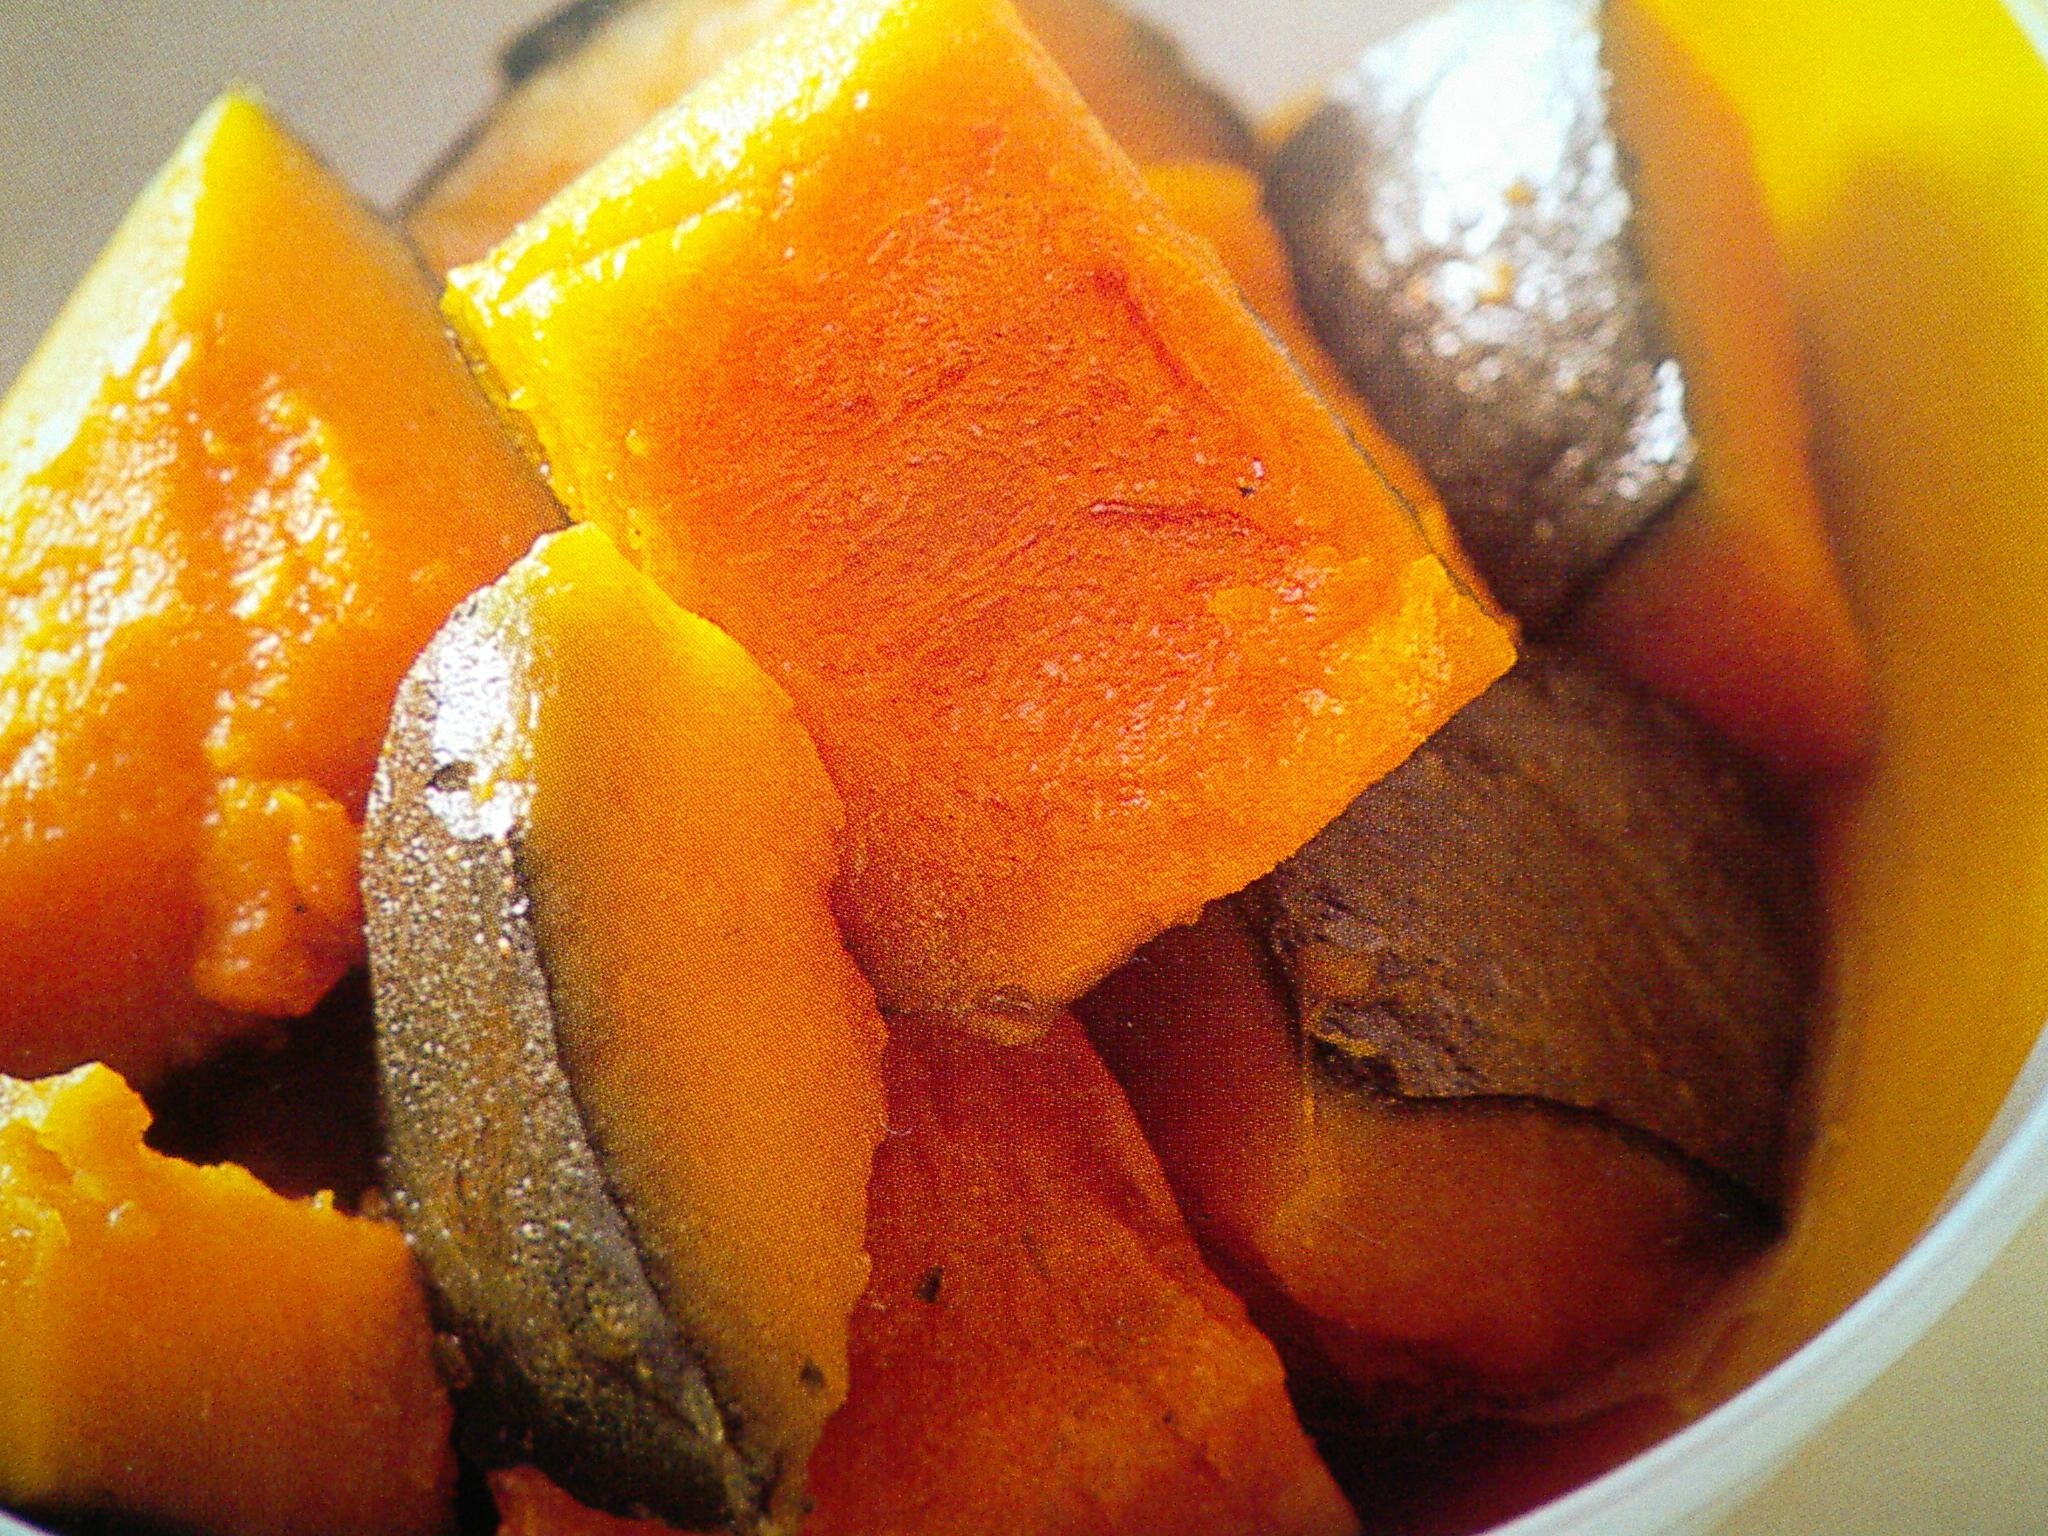 """冷凍 かぼちゃ 煮物 煮ないで時短!冷凍カボチャの""""煮物"""" - NHK"""